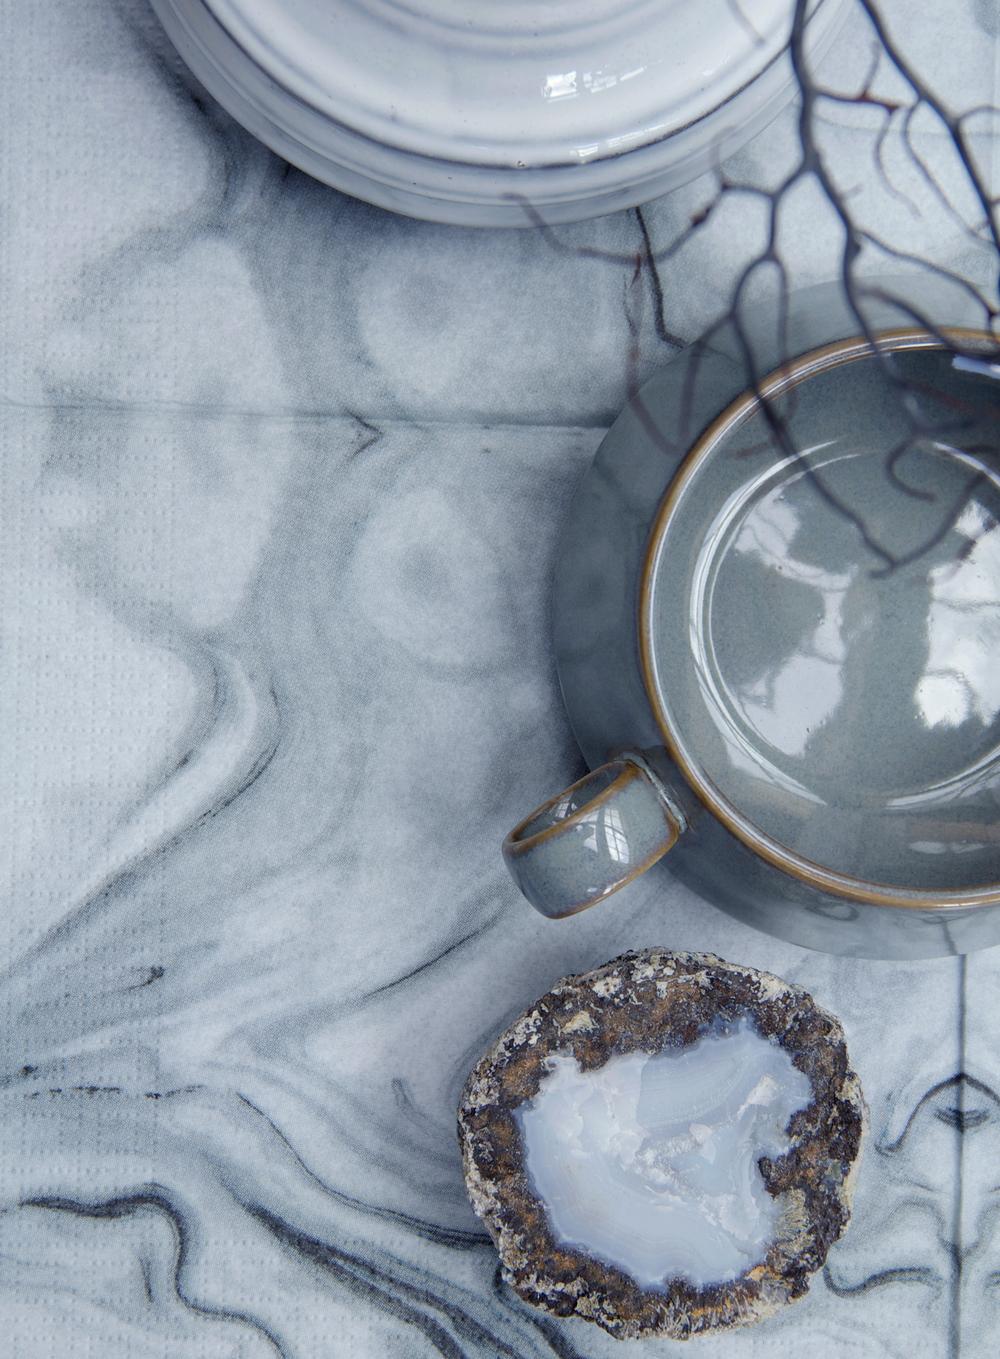 Servet marmerprint van Broste, Kommetje van Ferm Living, Steen van Geomine